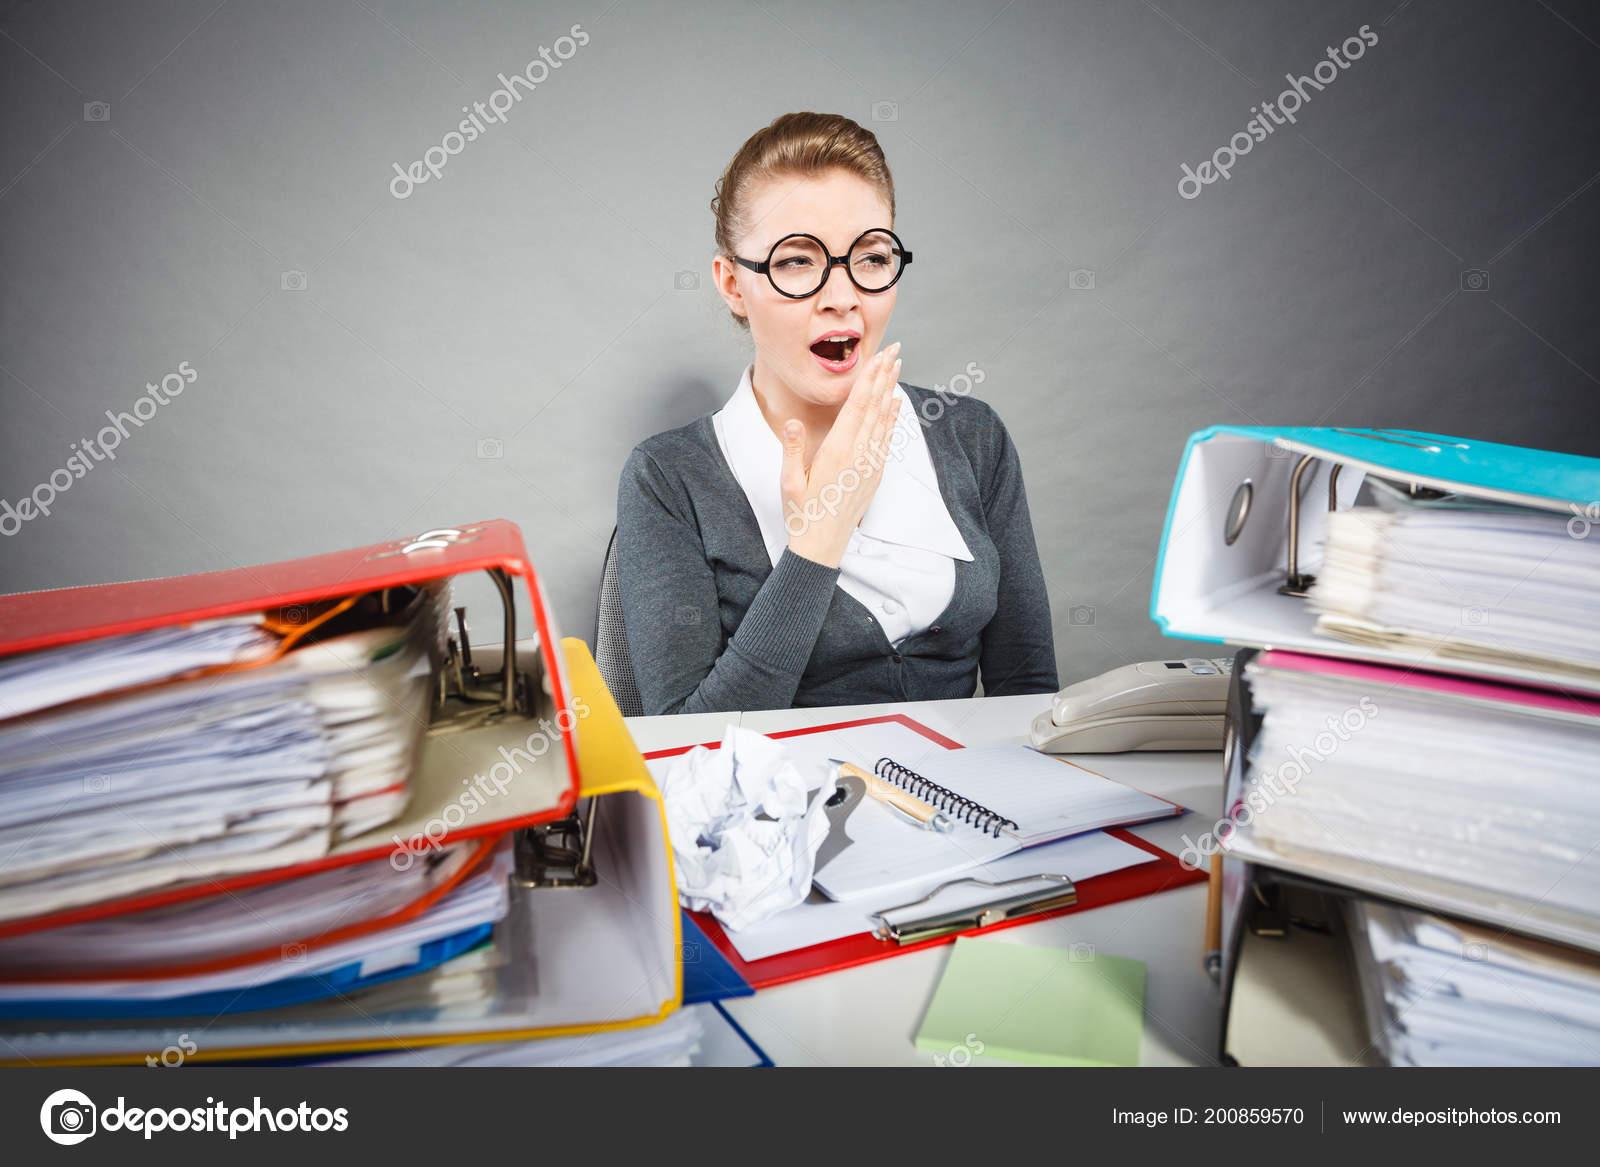 Formalités administratives emploi concept ennuyeux lent paresseux